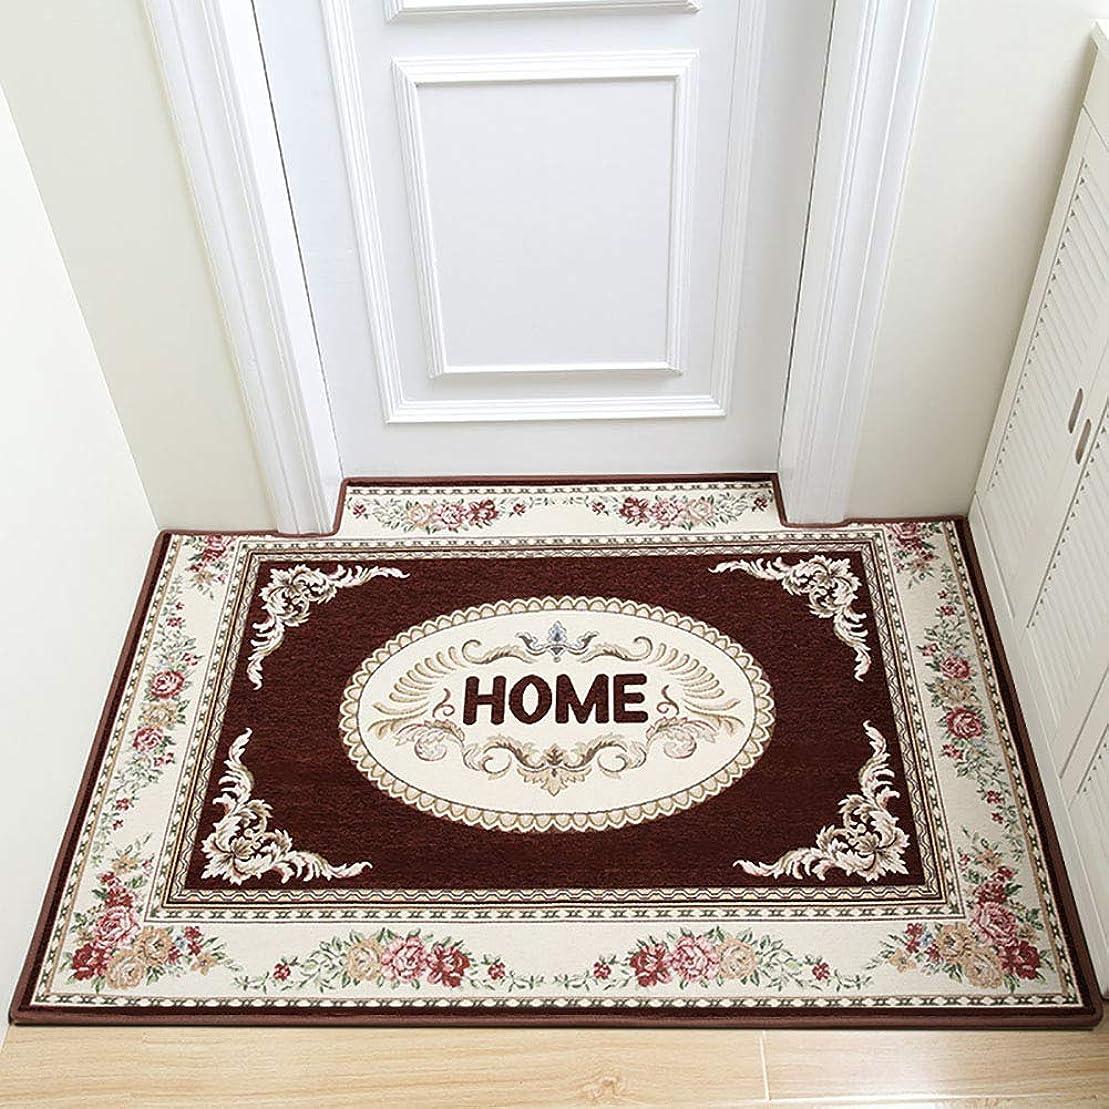 クローゼットコンデンサー周辺な 玄関 戻る, 滑り止め ホーム 区域敷物 食品 簡単 きれい 耐汚染性 持続可能です の 屋内 出入り口 床マット-ブラウン 70x140cm